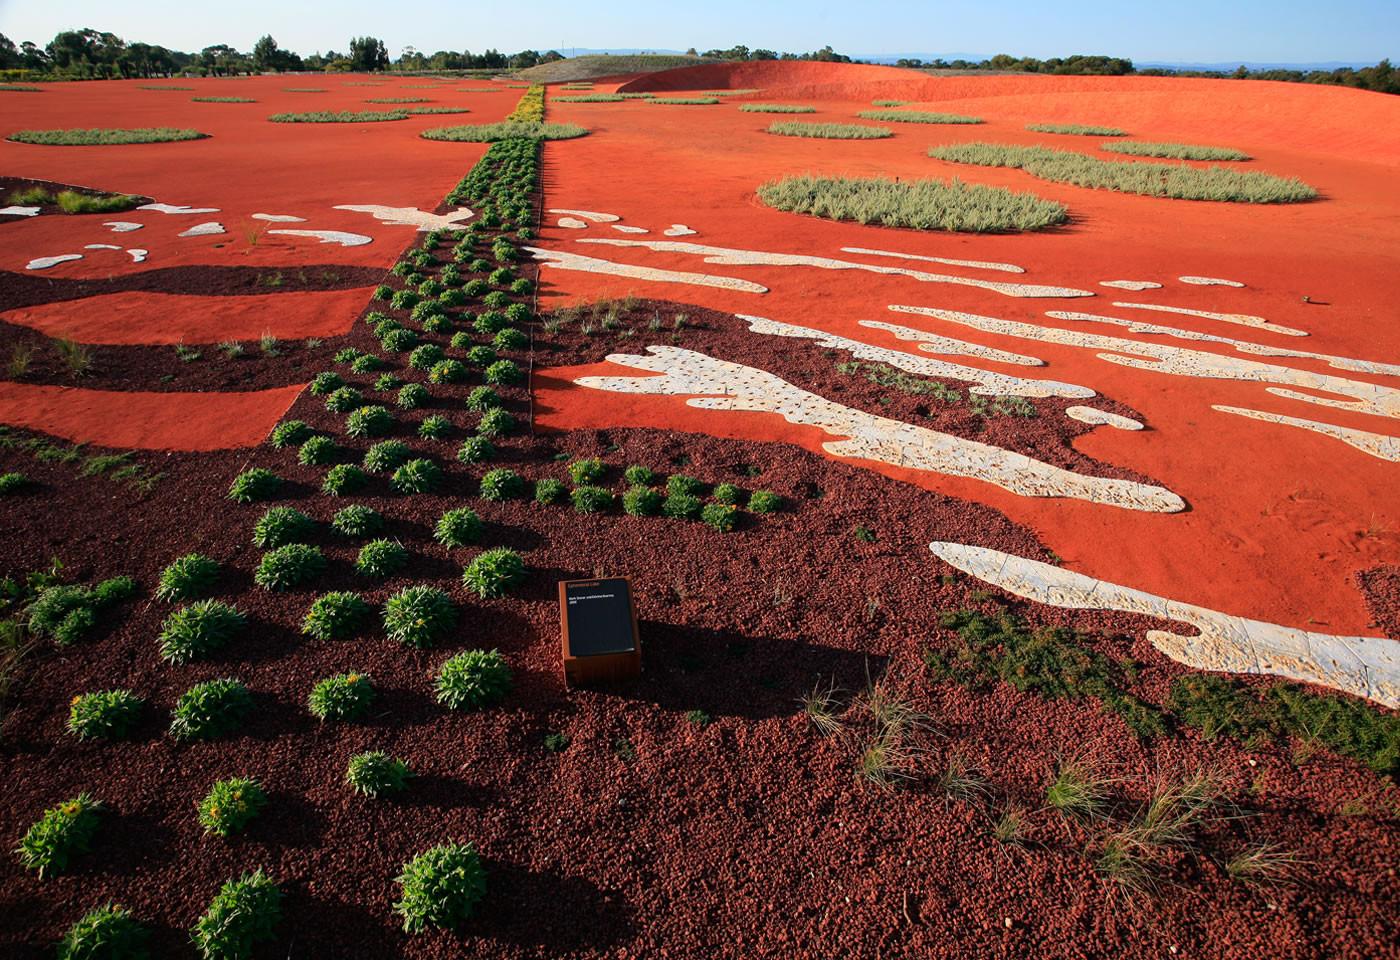 Jardín Botánico australiano gana la categoría de paisajismo en el World Architecture Festival 2013, © Ben Wrigley / Dianna Snape / Peter Hyatt